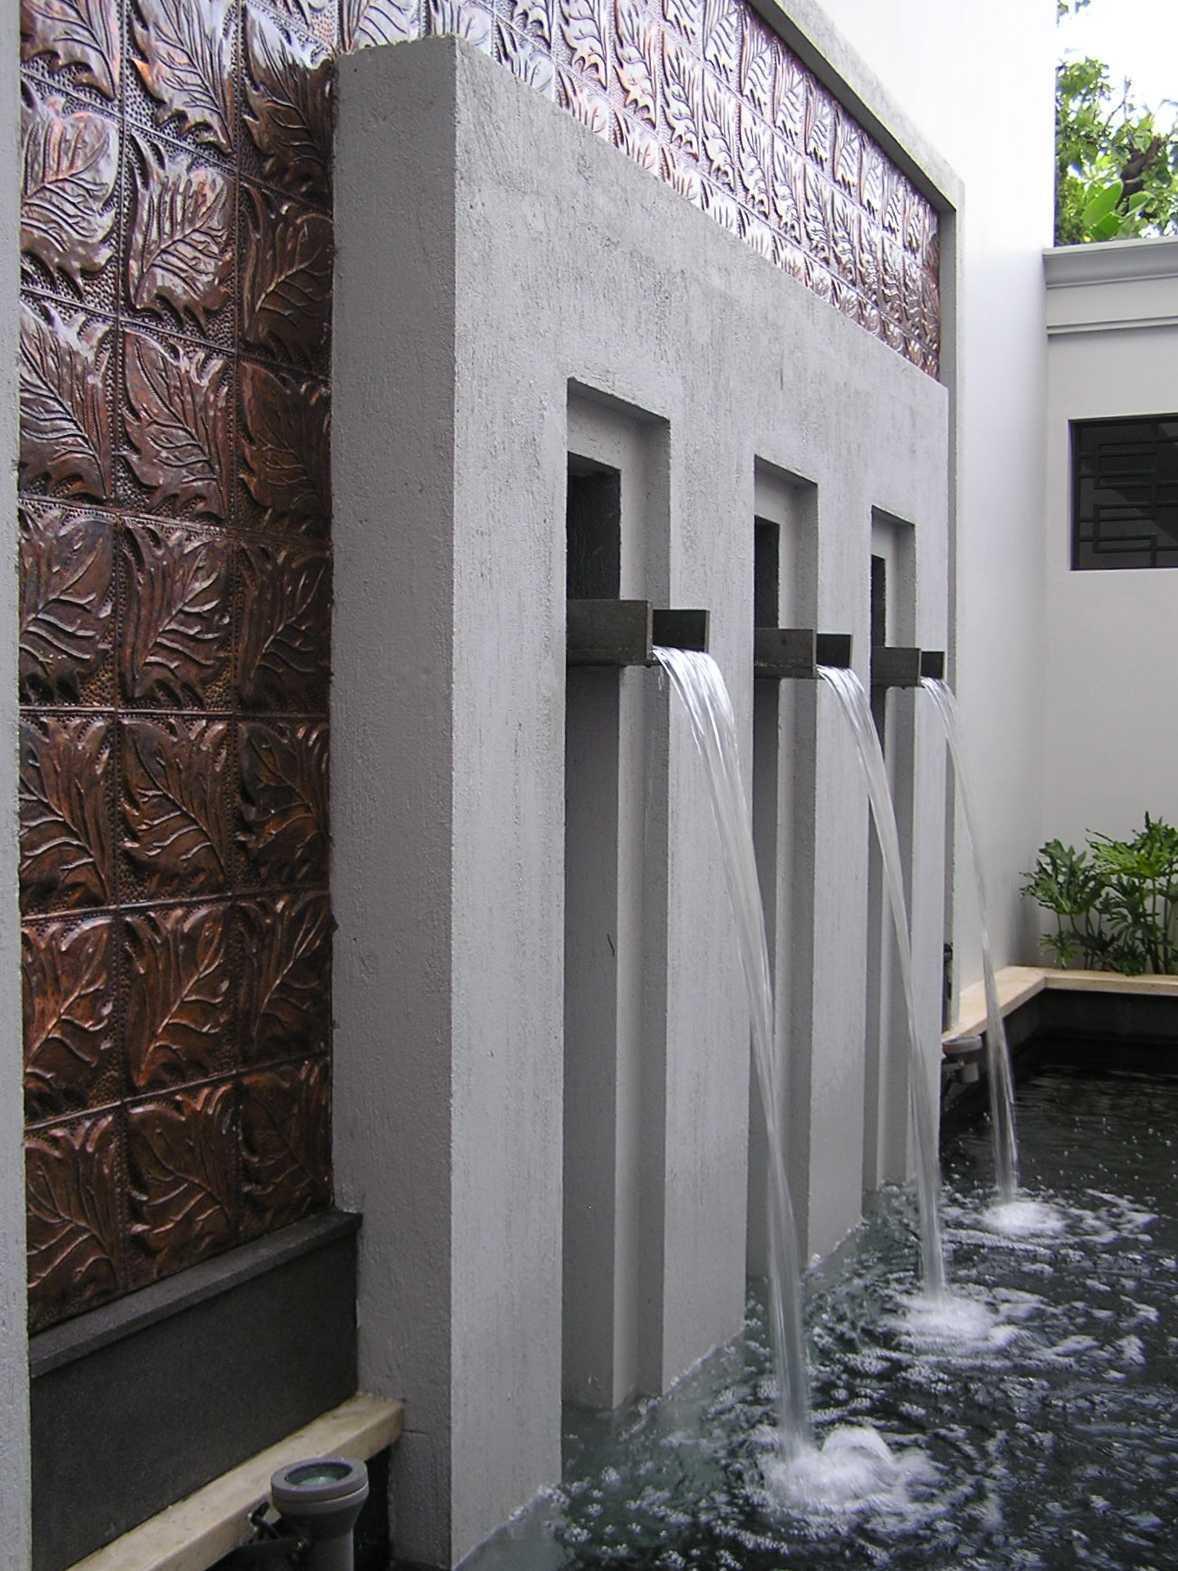 Pt. Garisprada Pondok Indah Residence Pondok Pinang, Kebayoran Lama, South Jakarta City, Jakarta, Indonesia Pondok Indah Waterfall Modern  21881